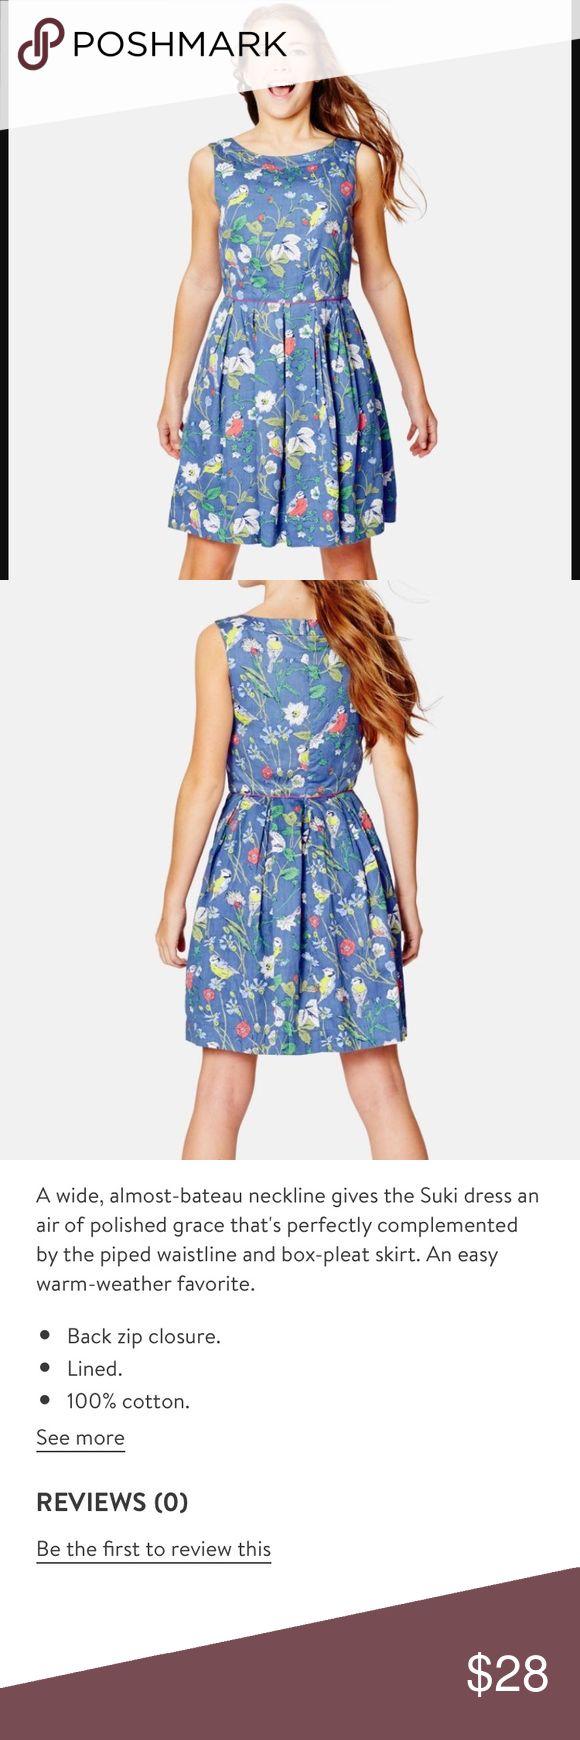 """Boden Johnnie B. Suki Sleeveless Dress size 11-12 Cute fit and a beautiful print💕 Boden Johnnie B. Suki sleeveless dress size 11-12 yr. In excellent condition ⭐️ Bust measures 30"""", waist 27"""", length 31"""". Boden Dresses"""